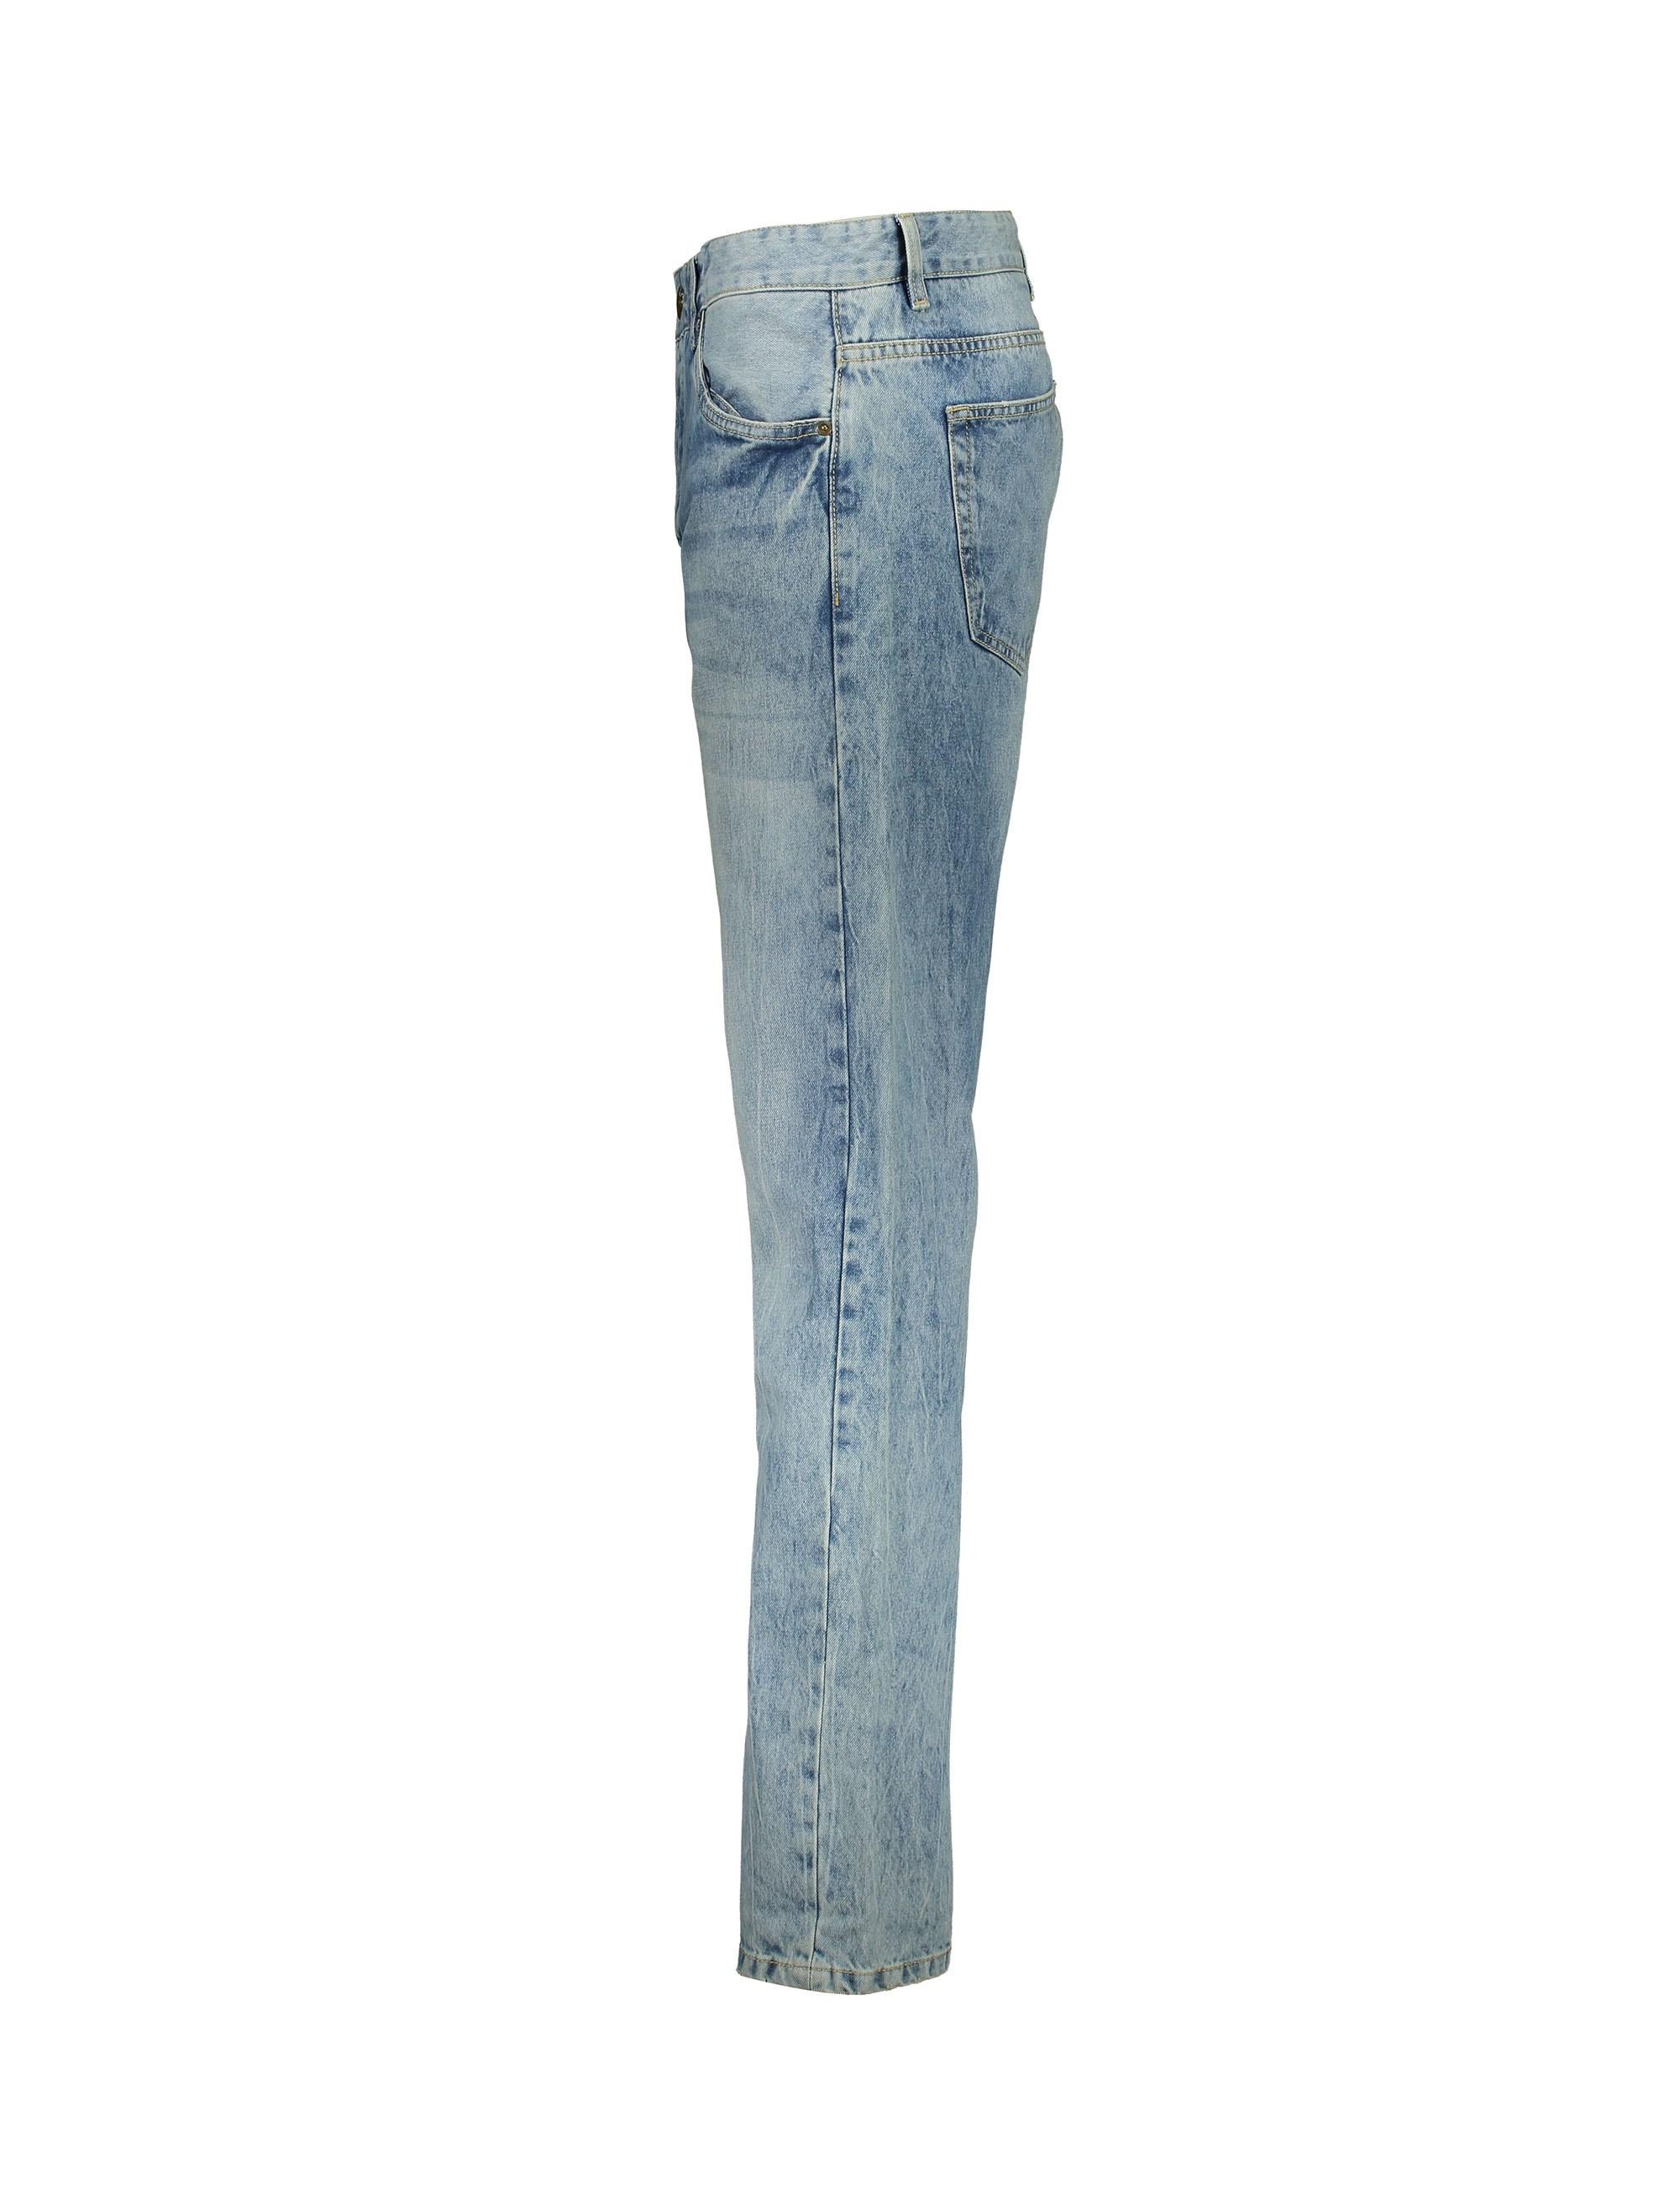 شلوار جین راسته مردانه - یوپیم - آبي روشن - 3